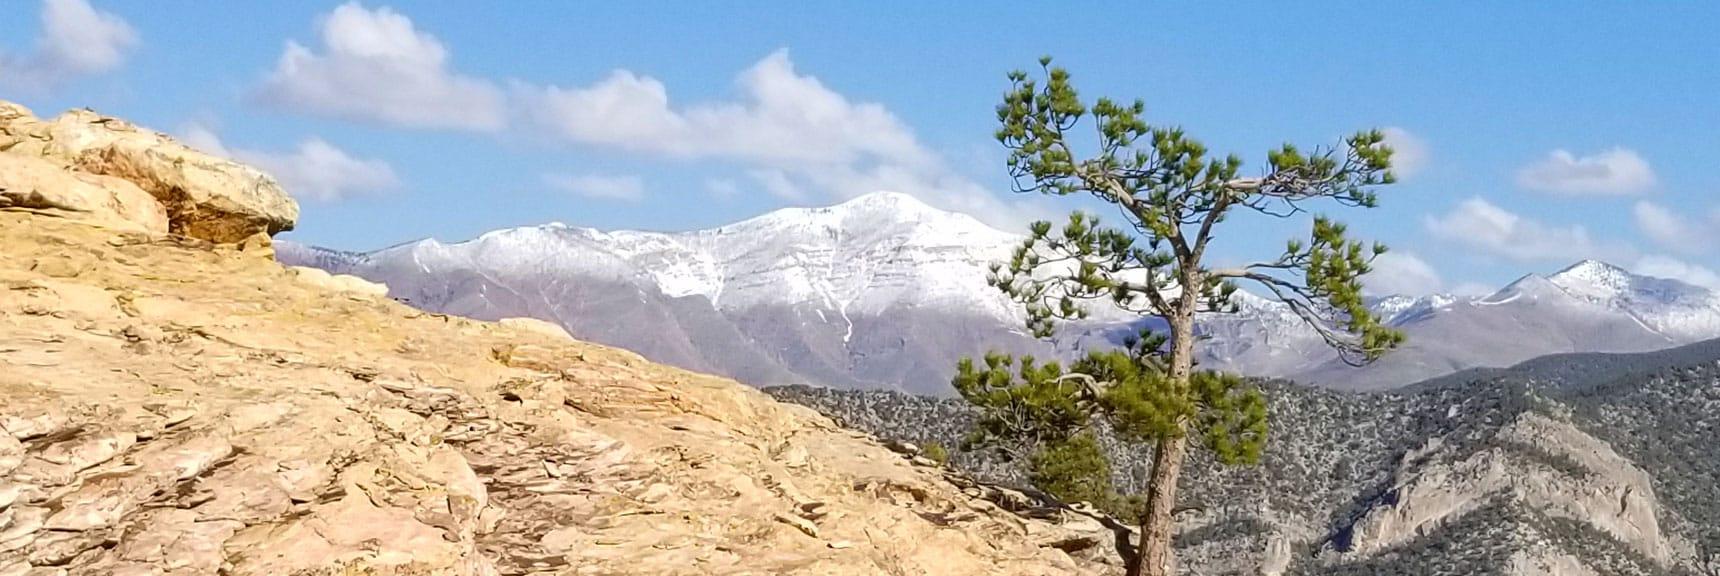 Griffith Peak in Mt Charleston Wilderness Viewed from Piedmont Ridge, Red Rock Park, Nevada